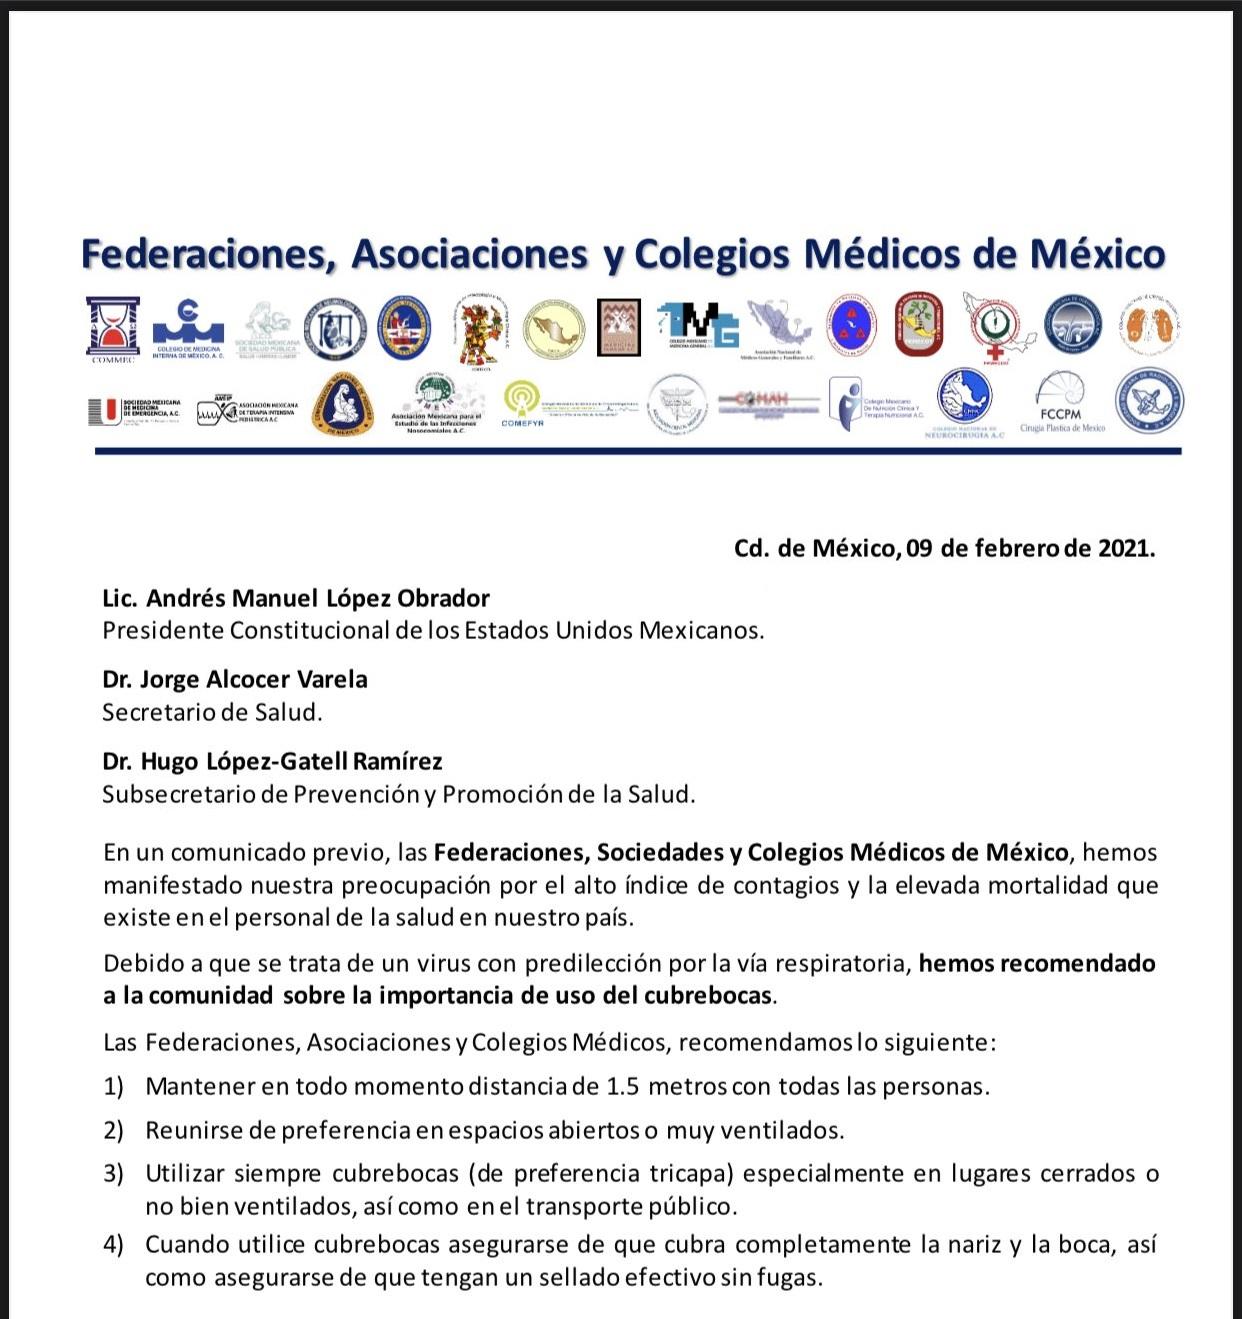 Federaciones Asociaciones y Colegios Médicos de México llaman una vez más a usar cubrebocas